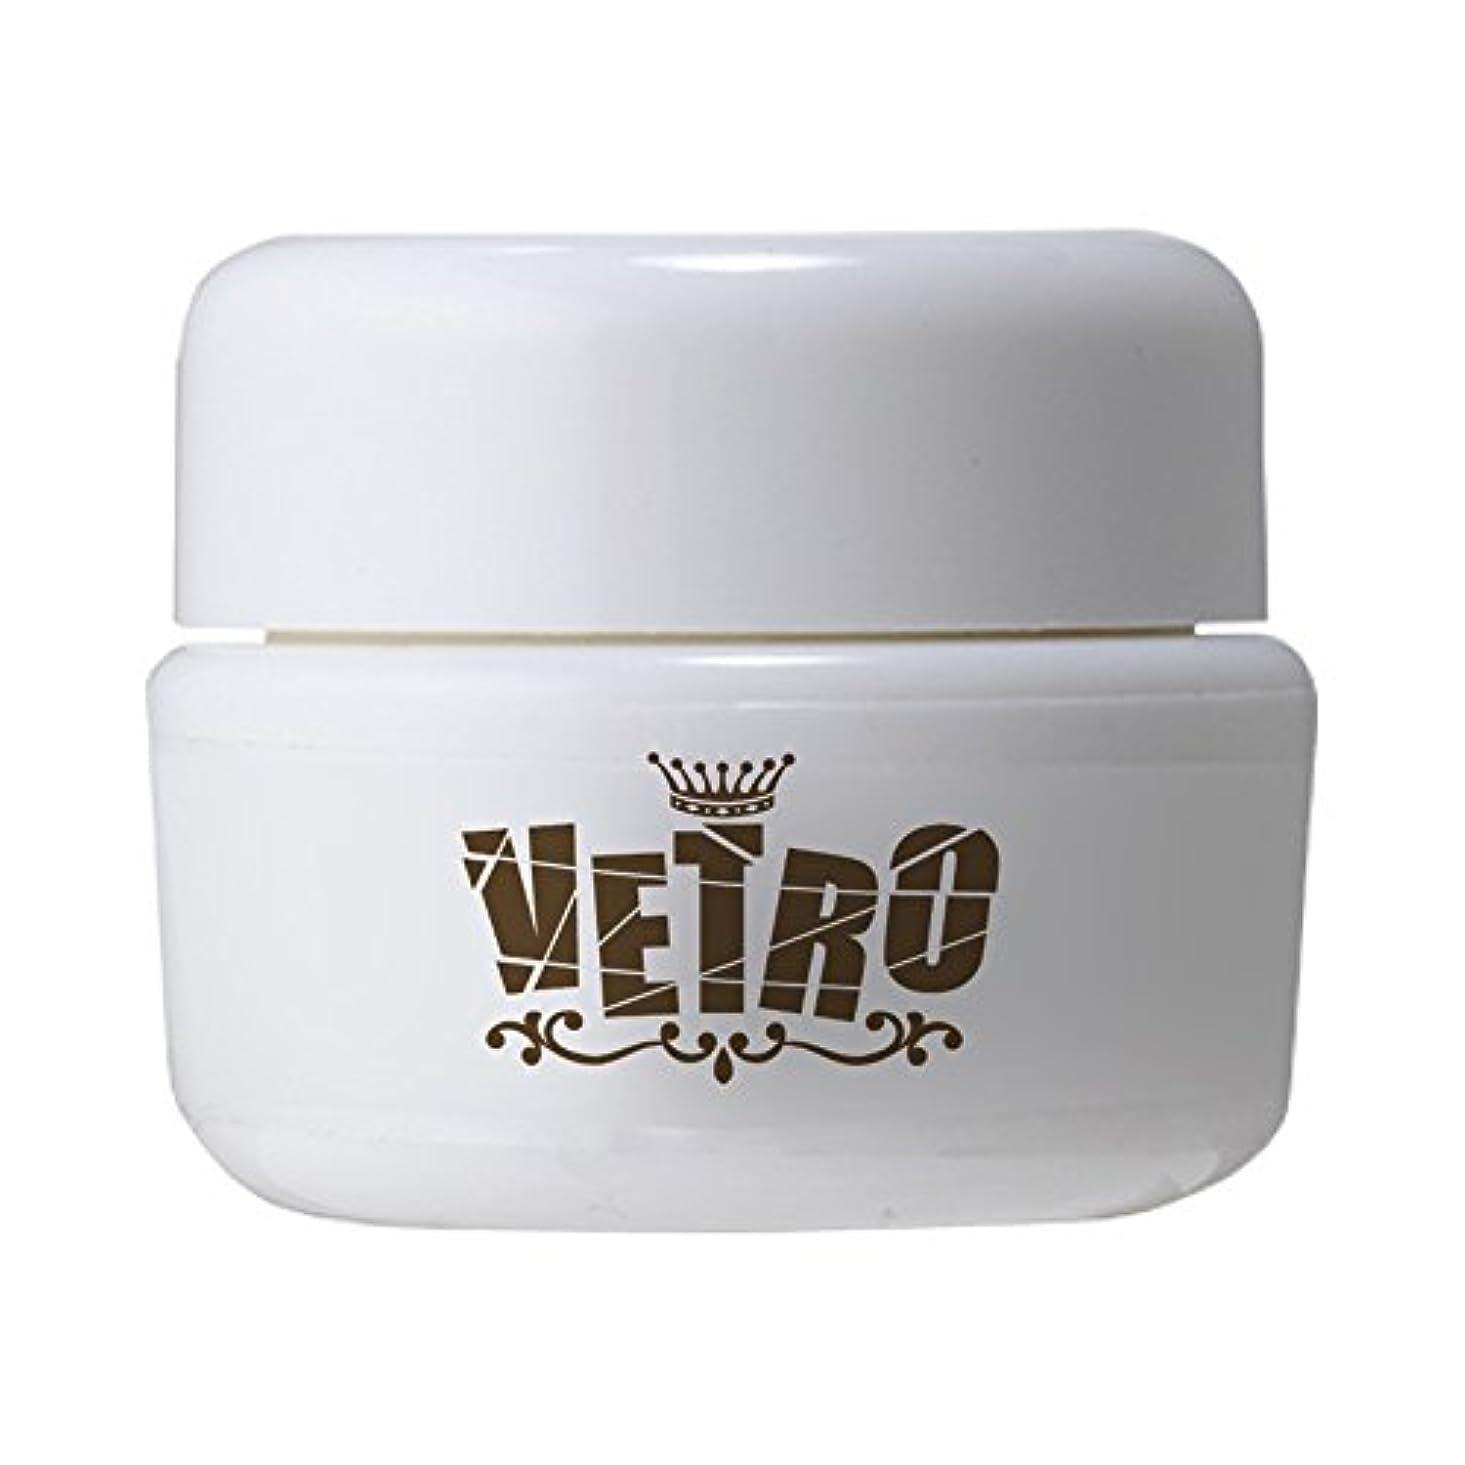 上向きヒゲ偏差VETRO No.19 カラージェル マット VL430 4mL ローズマリー UV/LED対応